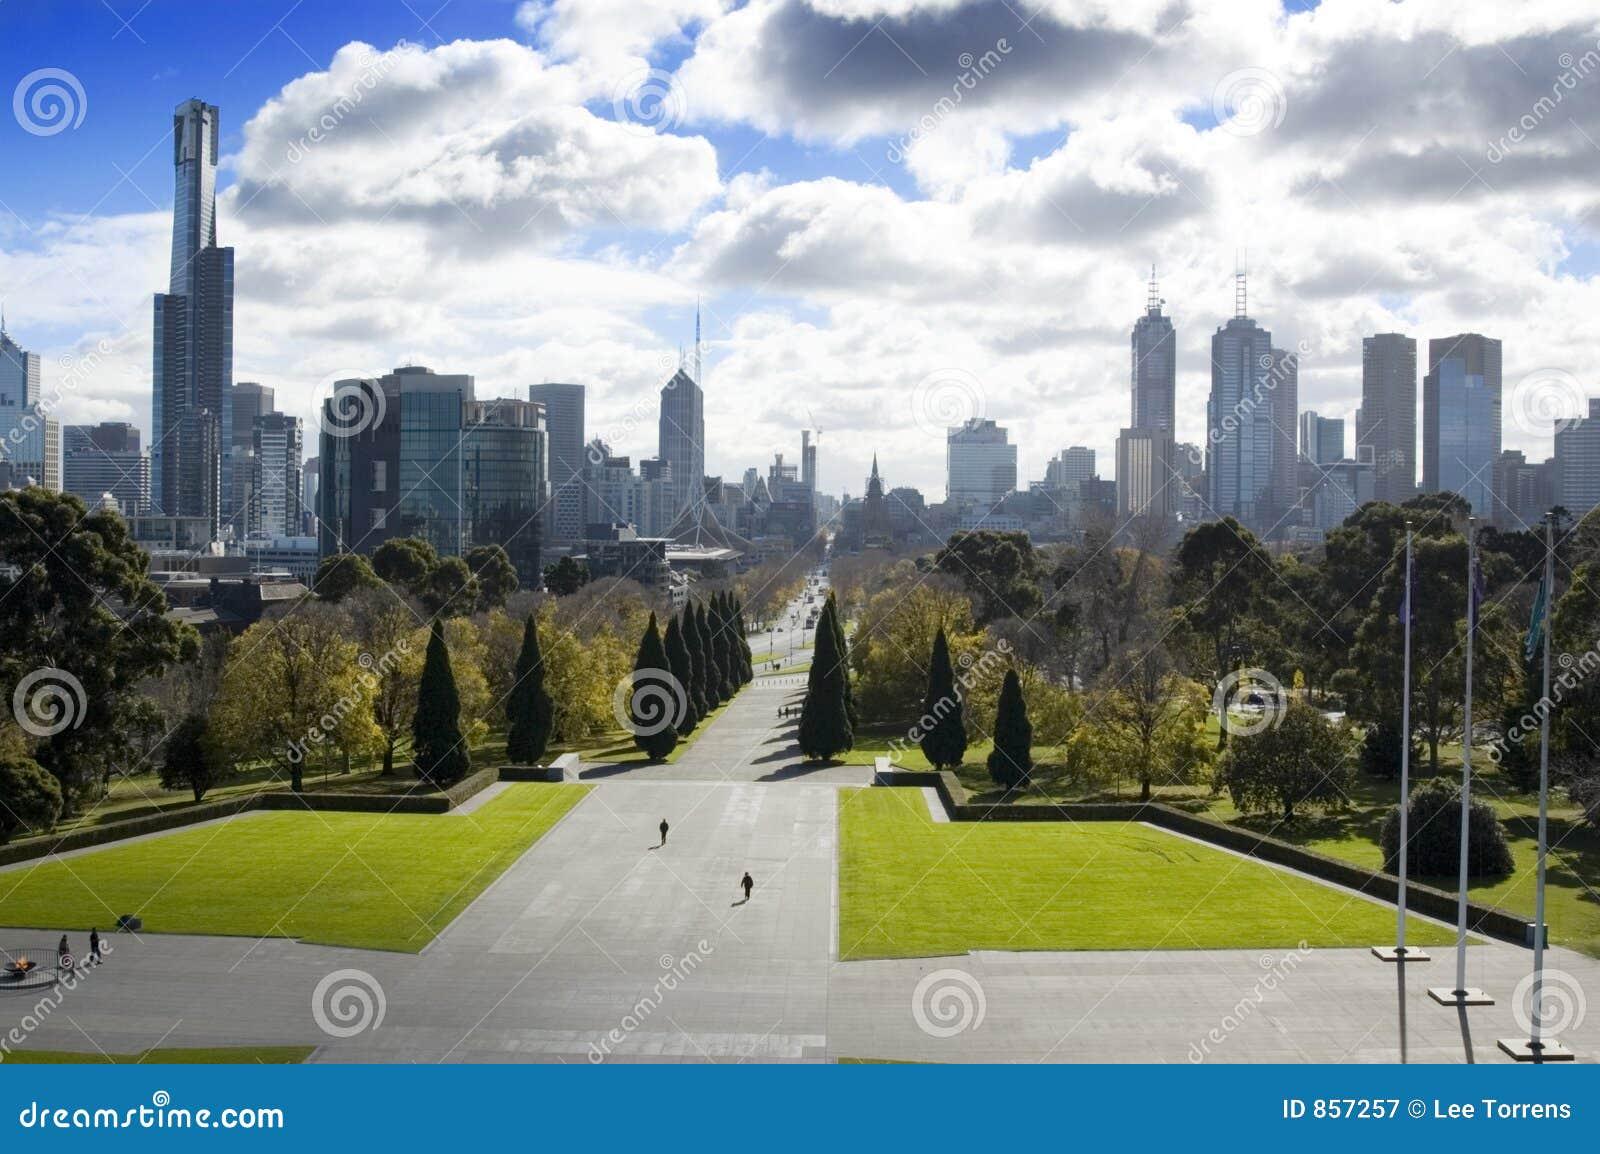 Melbourne park city